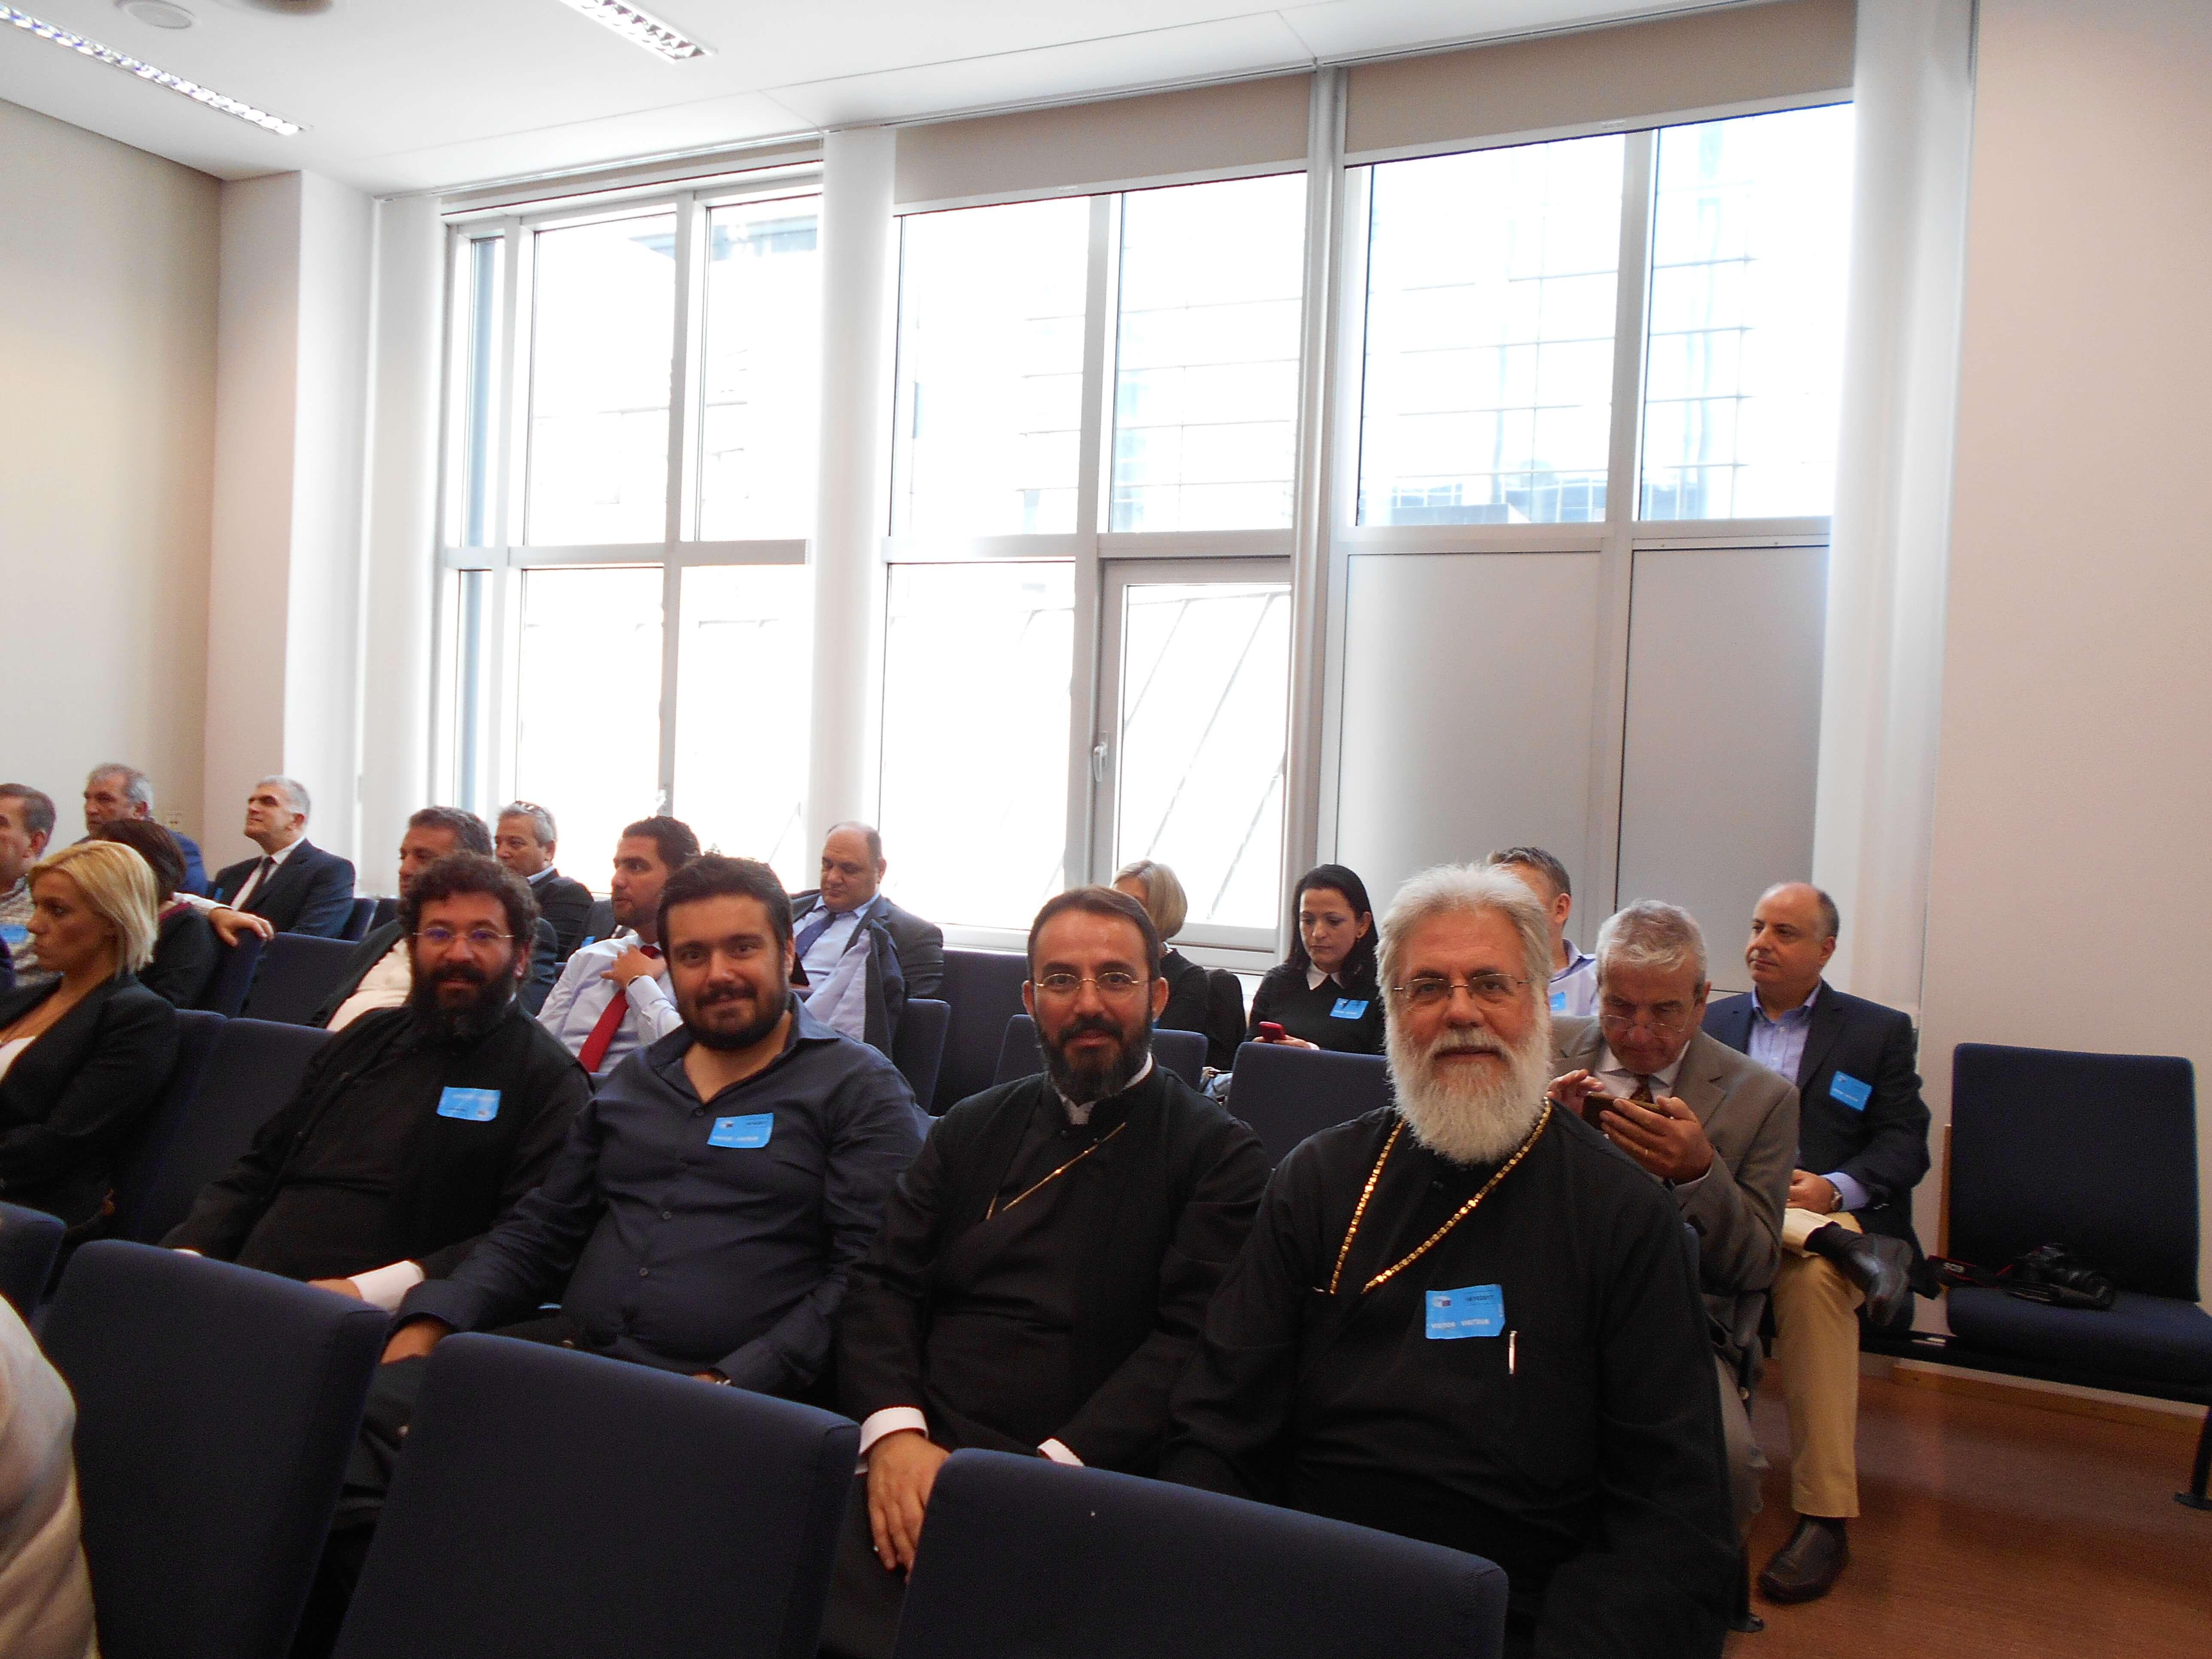 Στο Ευρωπαϊκό Κοινοβούλιο ο μητροπολίτης Ιλίου για τις δράσεις υπέρ Ρομά